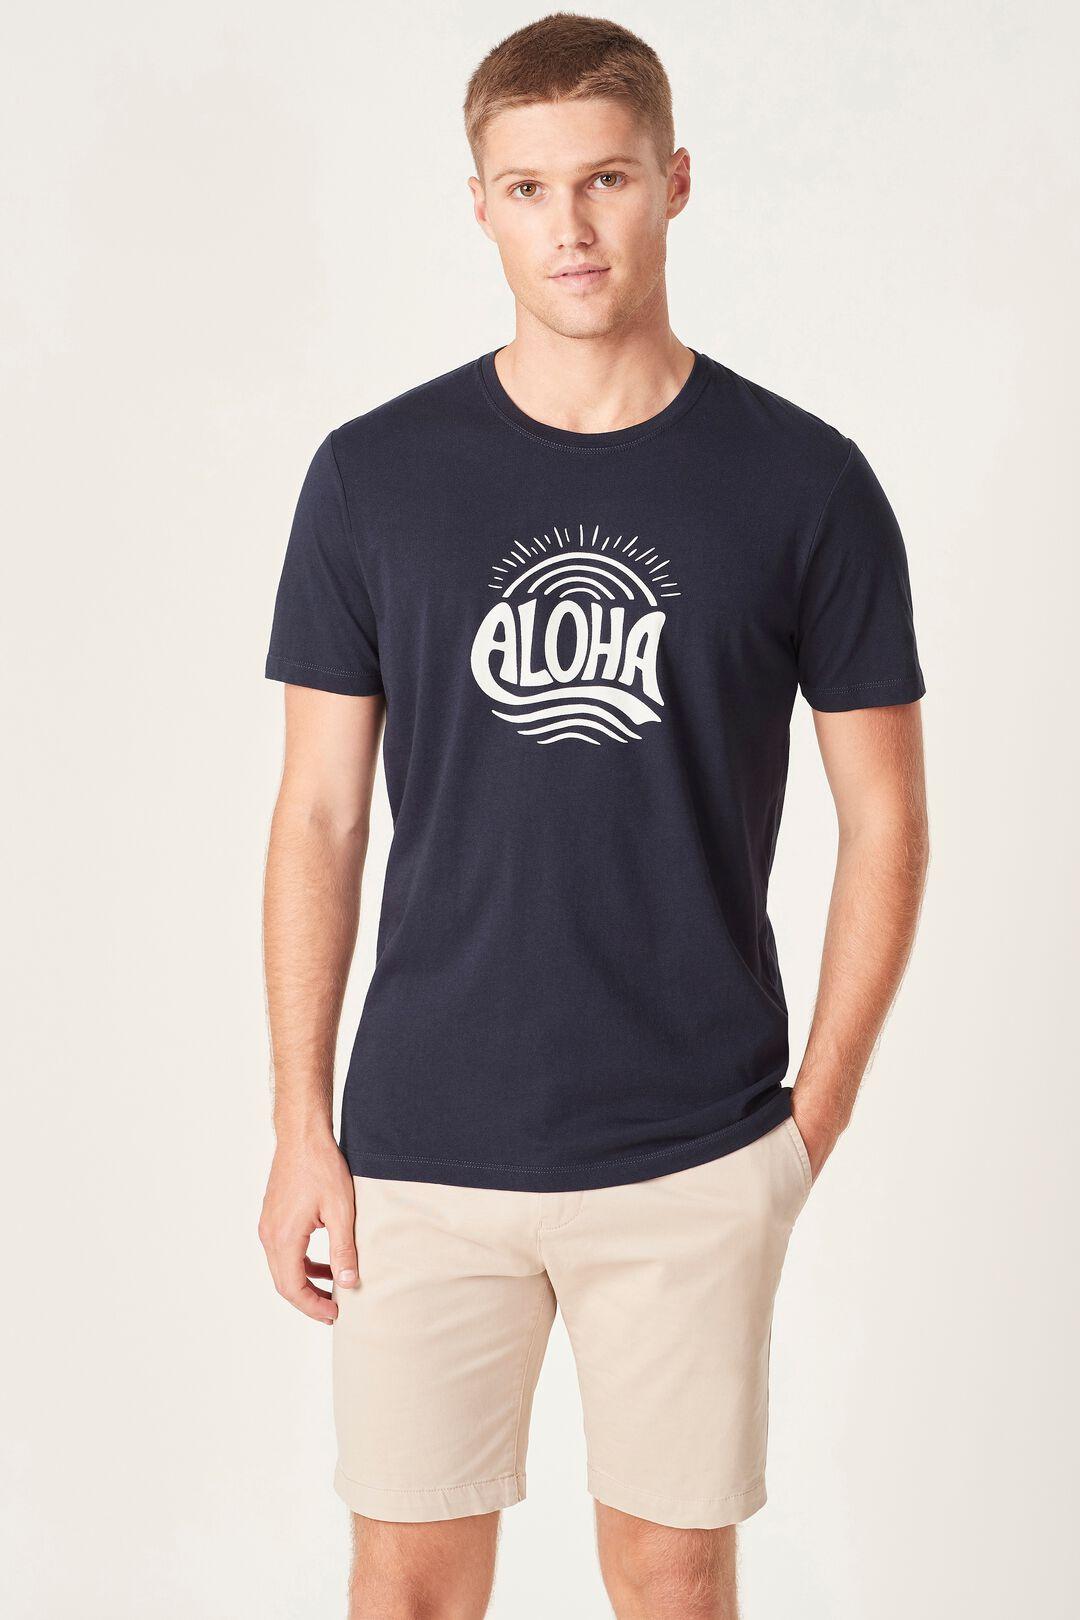 ALOHA T-SHIRT  MARINE BLUE  hi-res